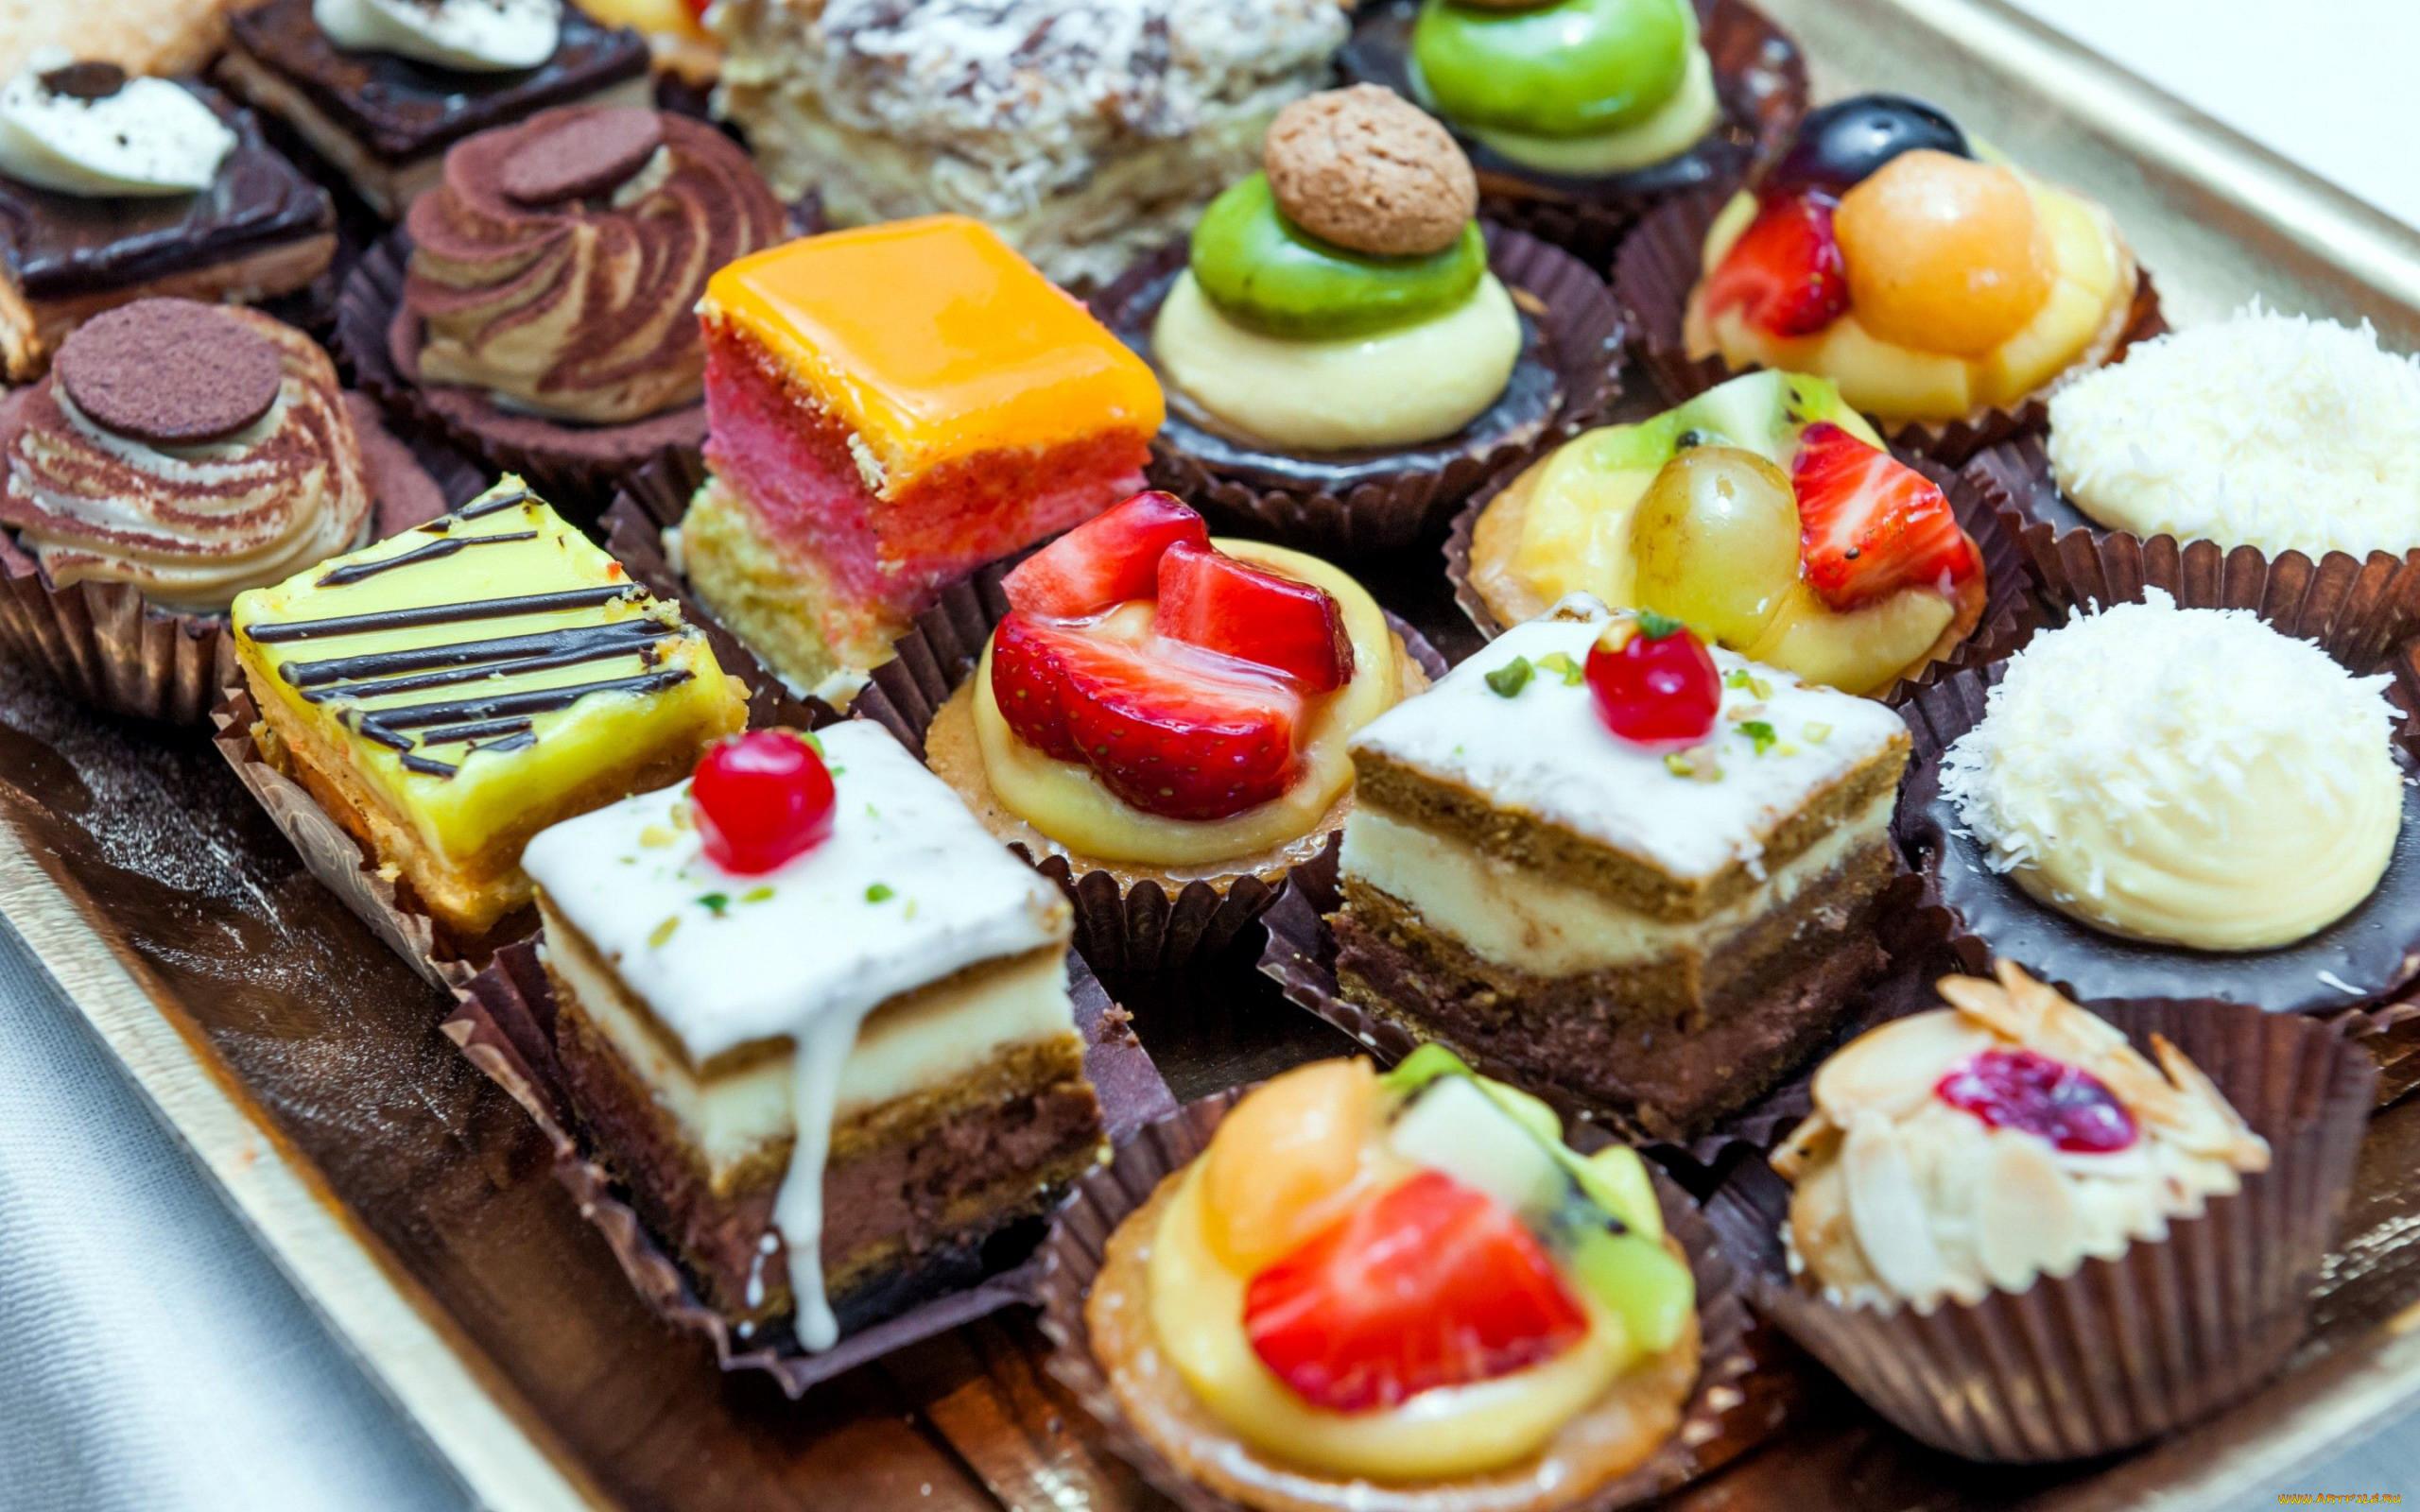 Картинки на пирожных